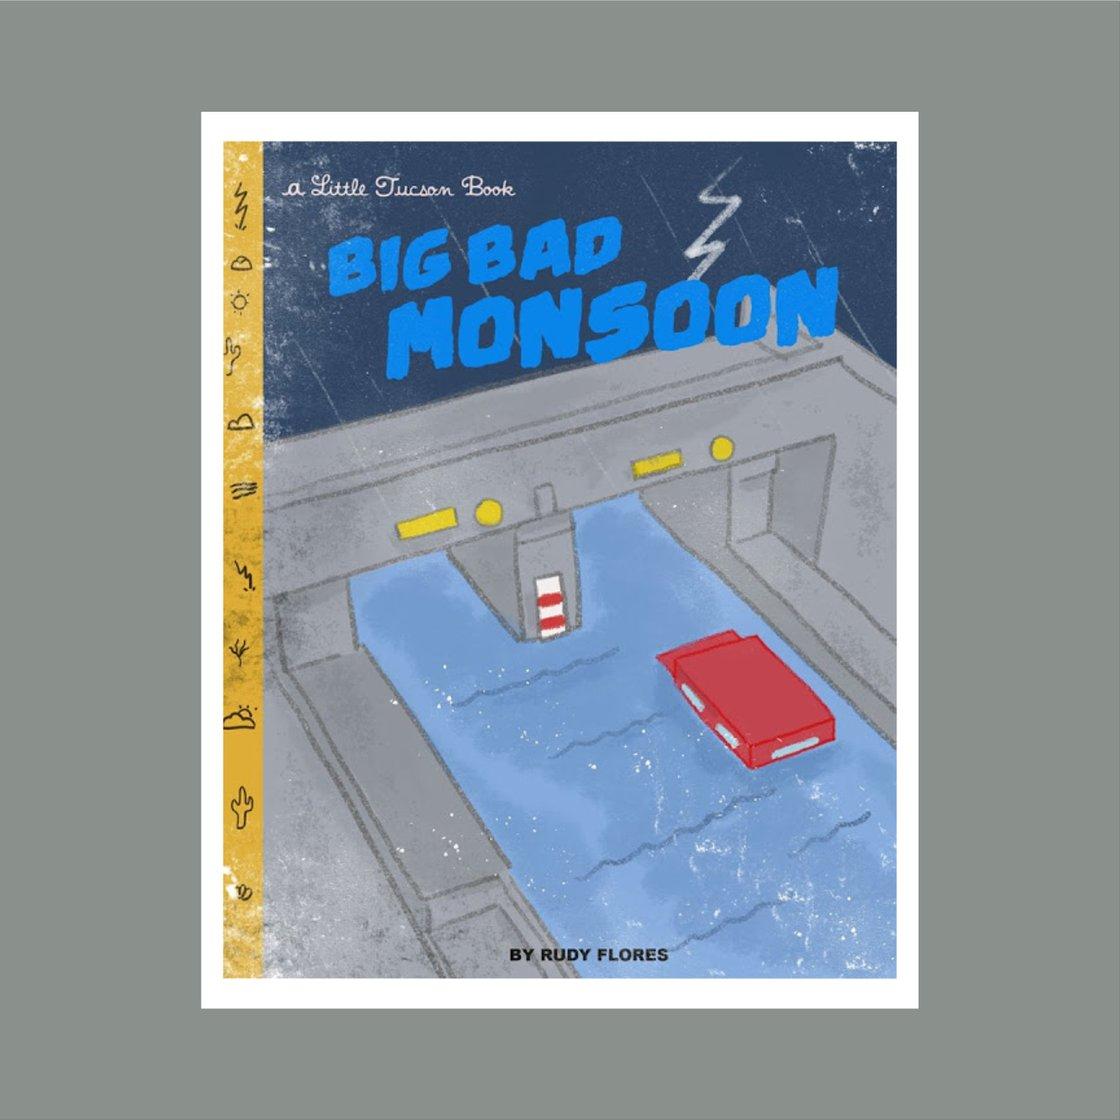 Image of Big Bad Monsoon